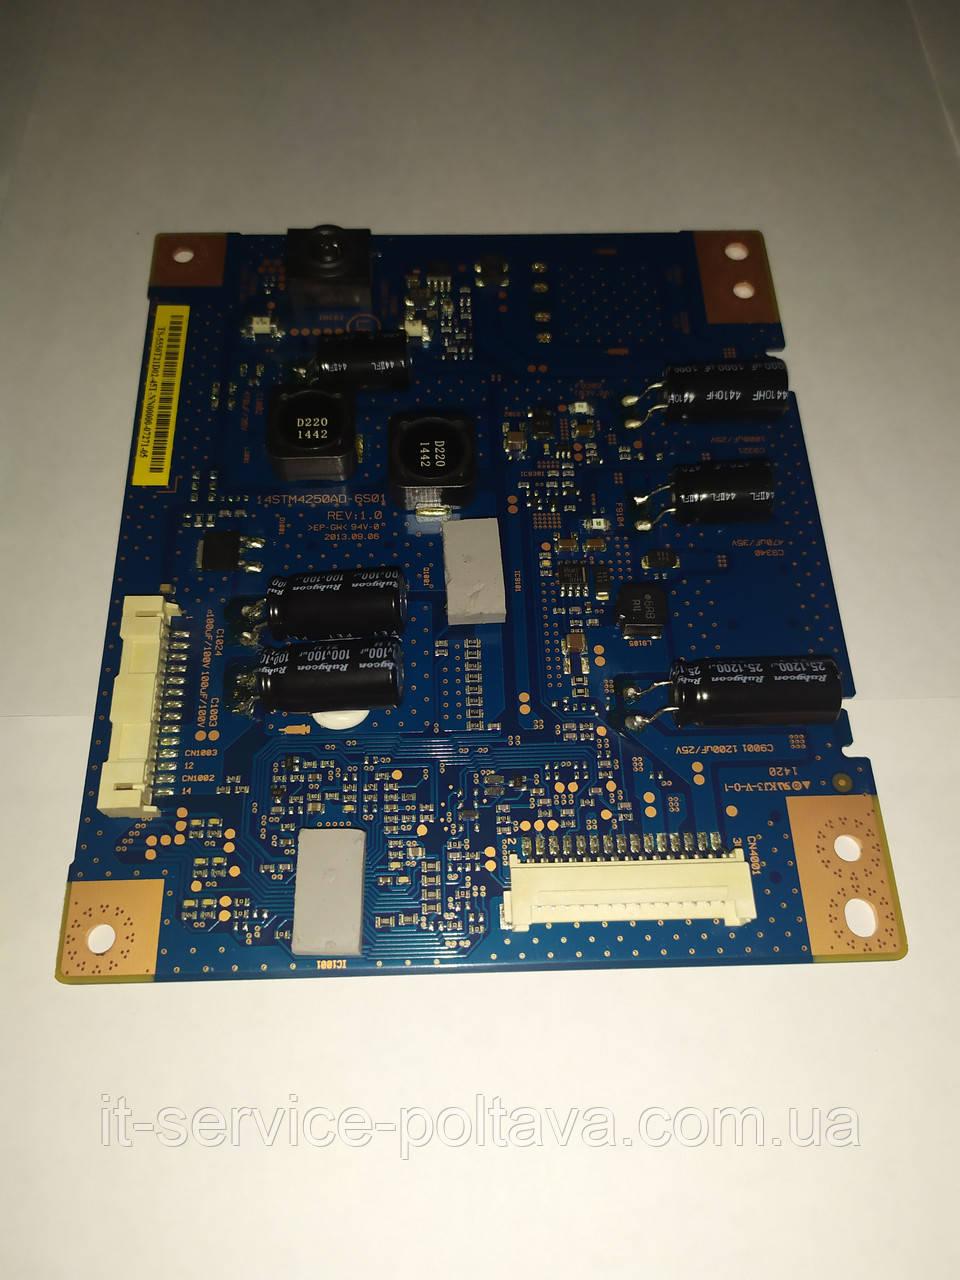 Інвертор (INVERTER BOARD) 14STM4250AD-6S01 для телевізора Sony